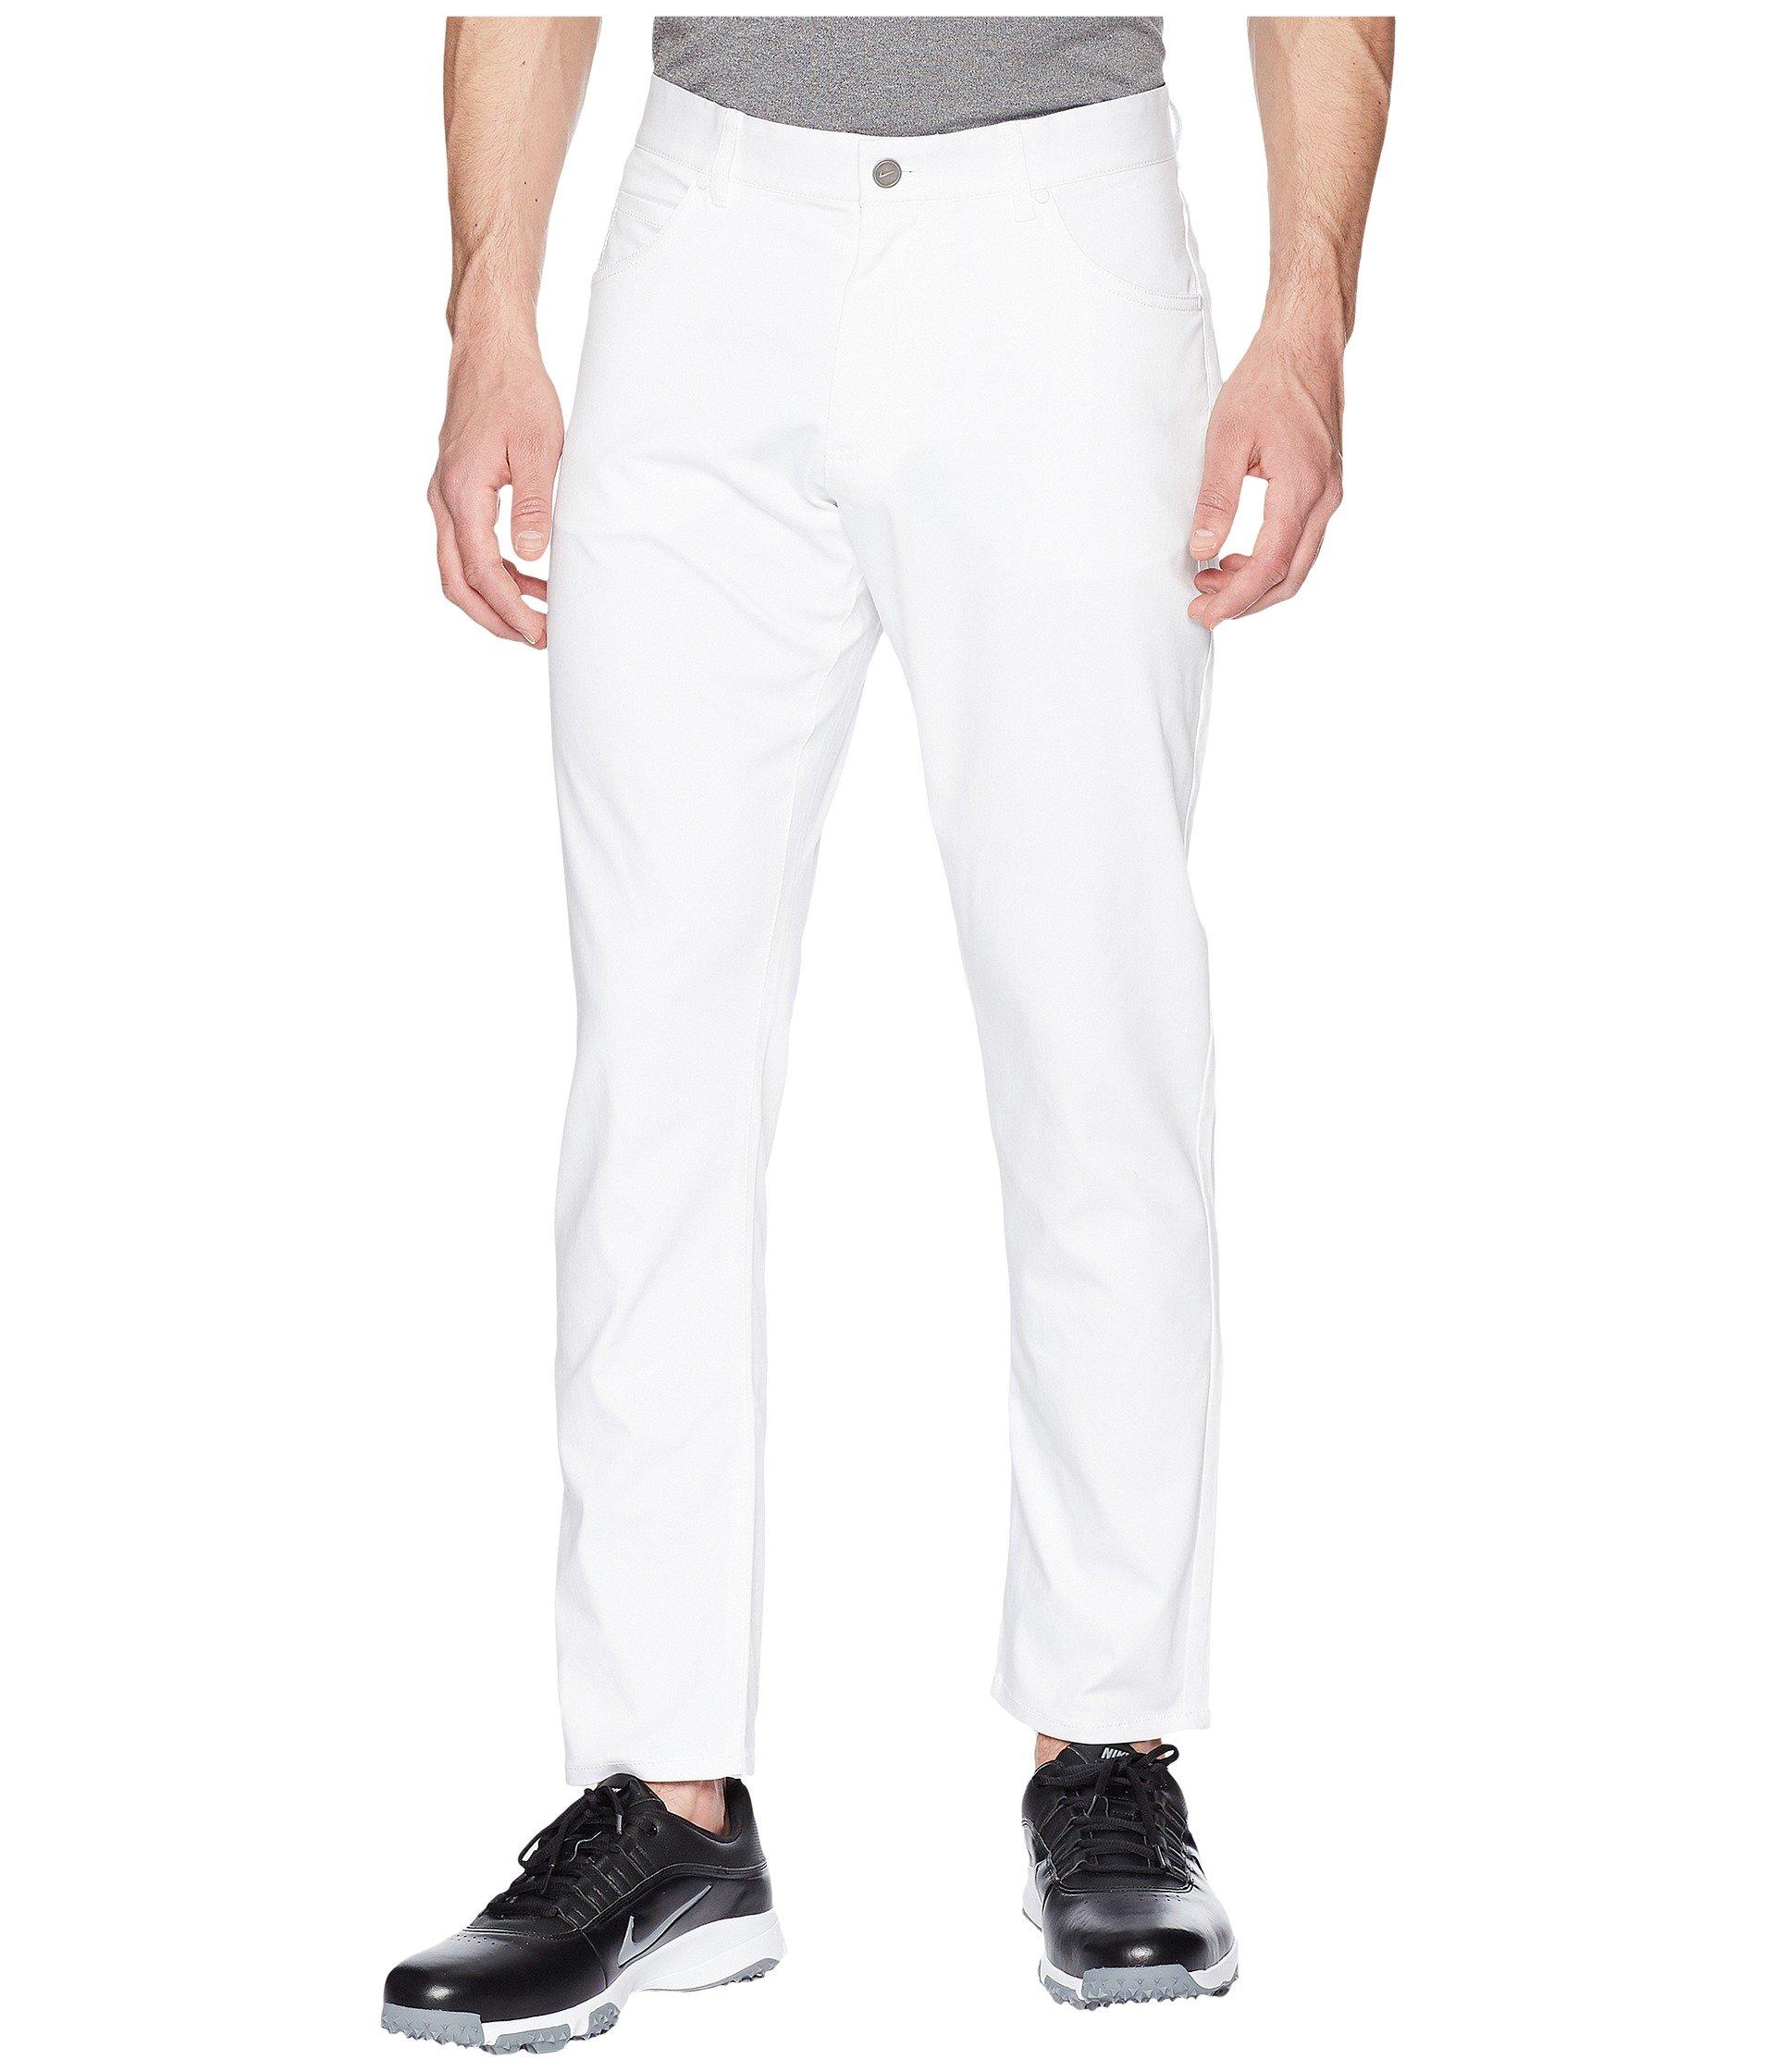 NIKE Men's Flex Slim 5-Pocket Golf Pants, White/White, Size 31/32 by Nike